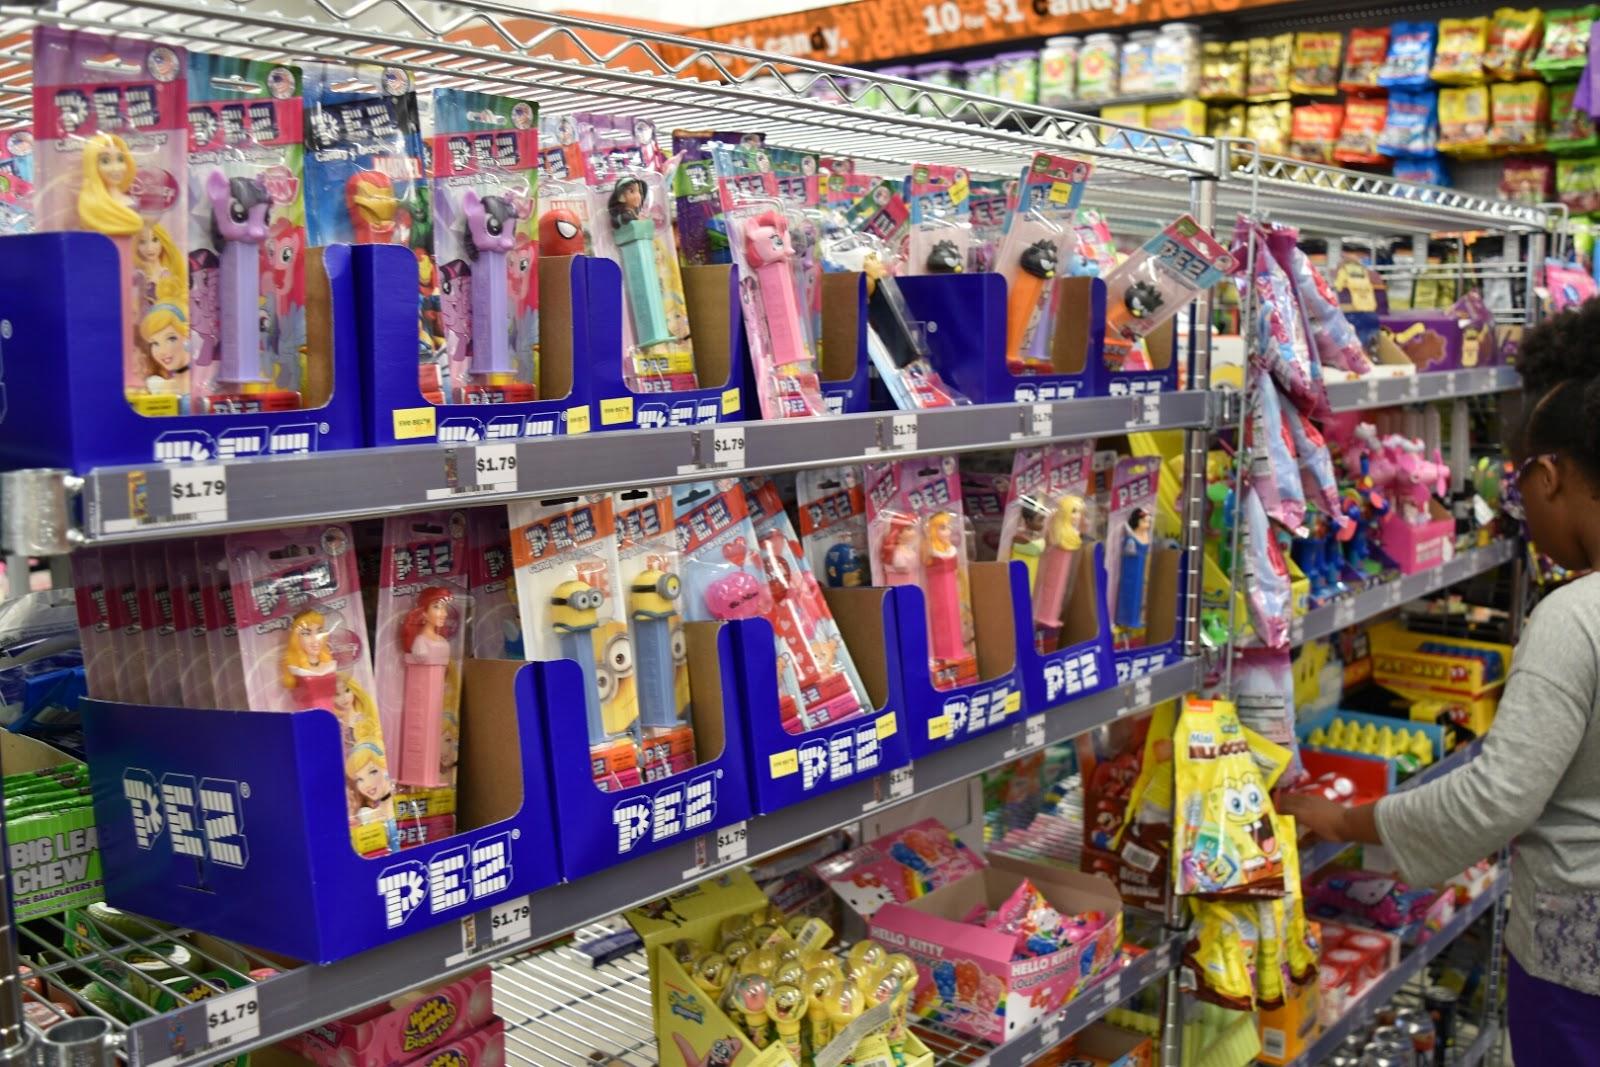 Foto: productreviewmom.com